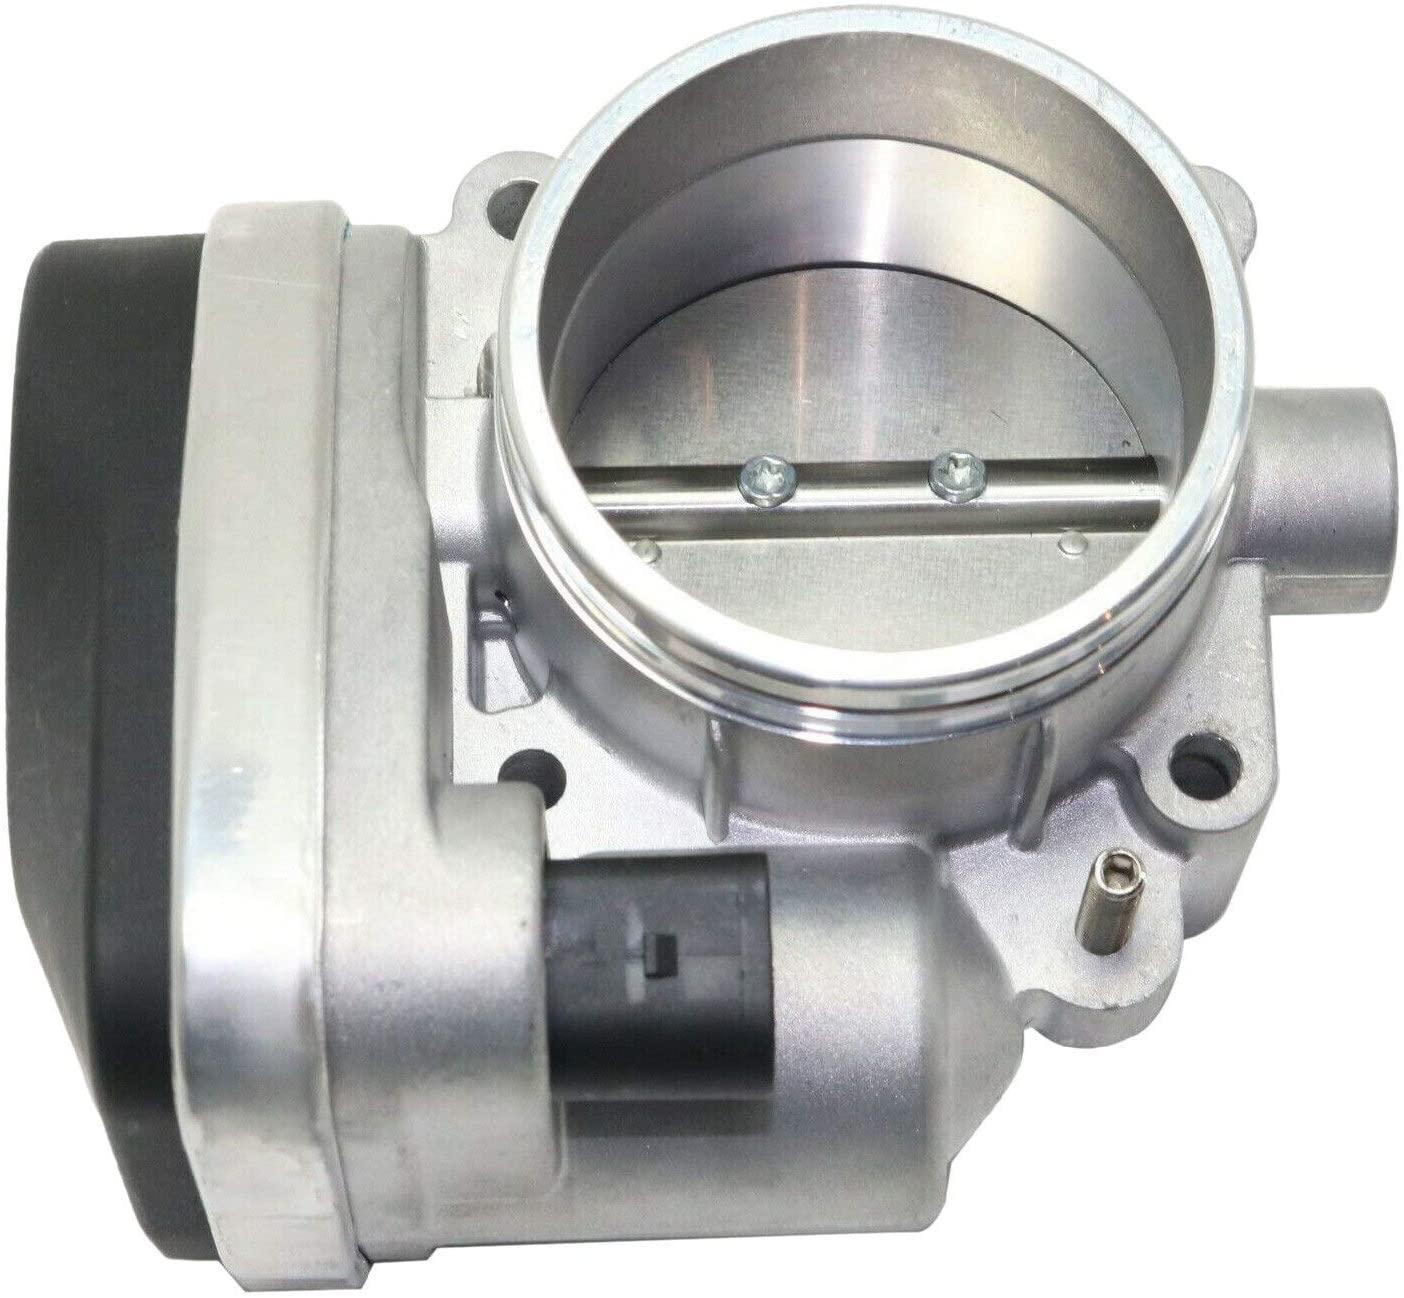 Throttle Body Assembly 13547502444 for BMW-325 525 E46 3 Series E90 325I E39 Z3 Z4 2003-2005